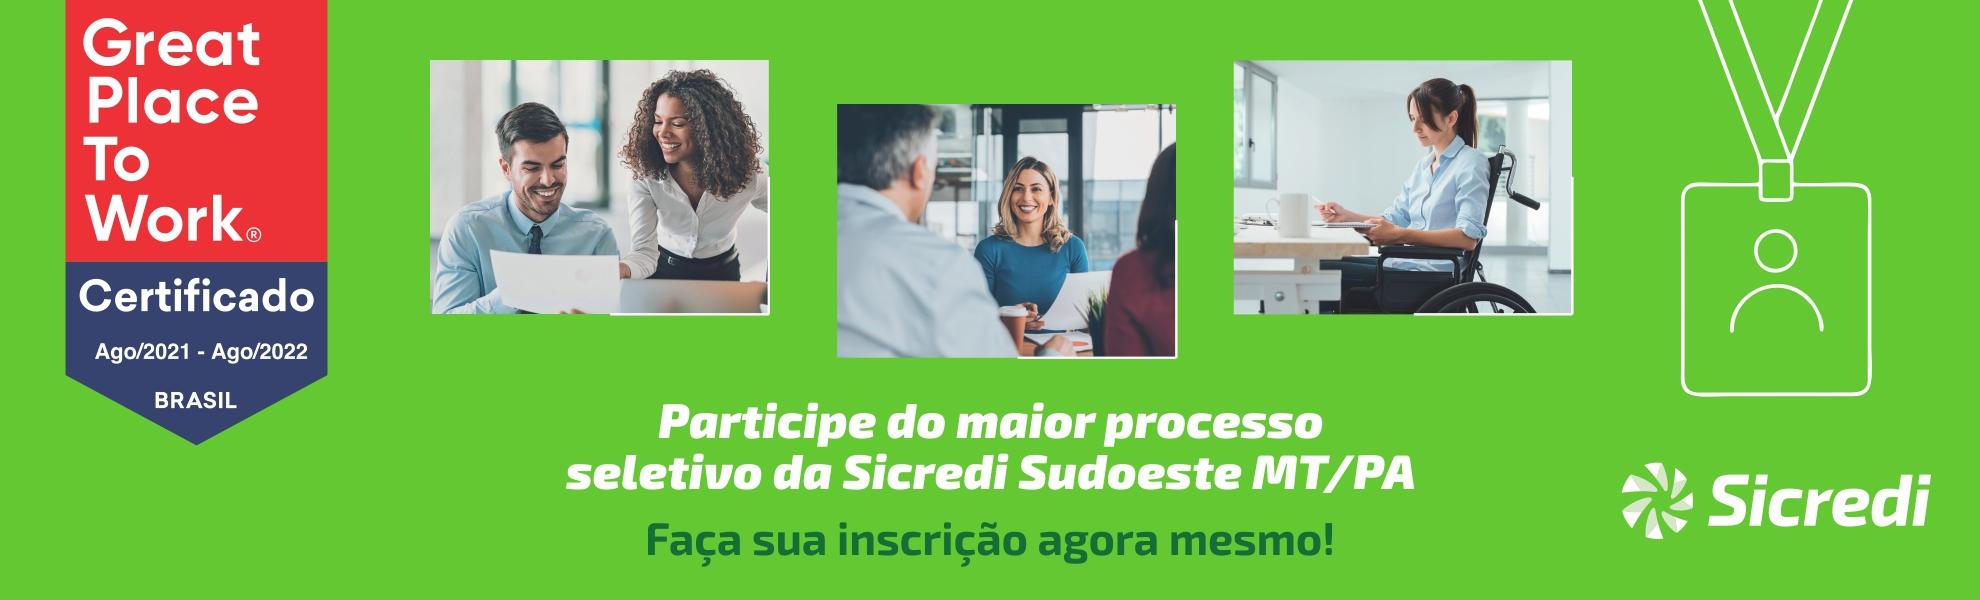 Talentos (Administrativo/Comercial) - Sicredi Sudoeste MT/PA